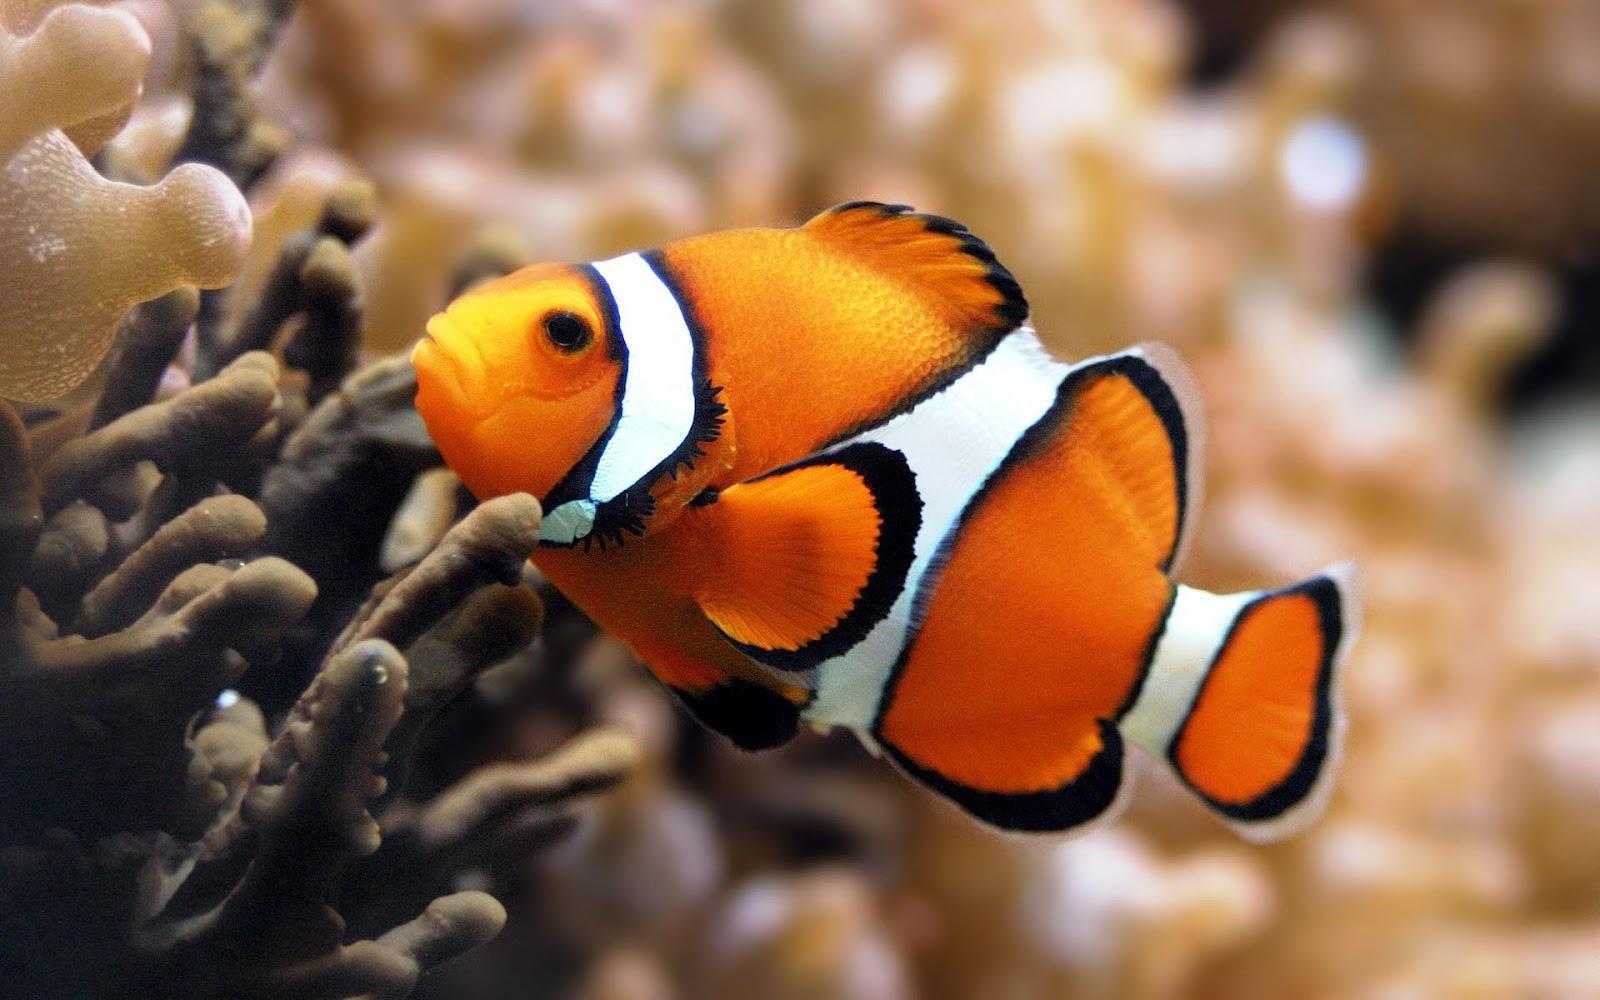 Cute Penguin Mac Wallpaper Orange Tropical Fish Wallpaper